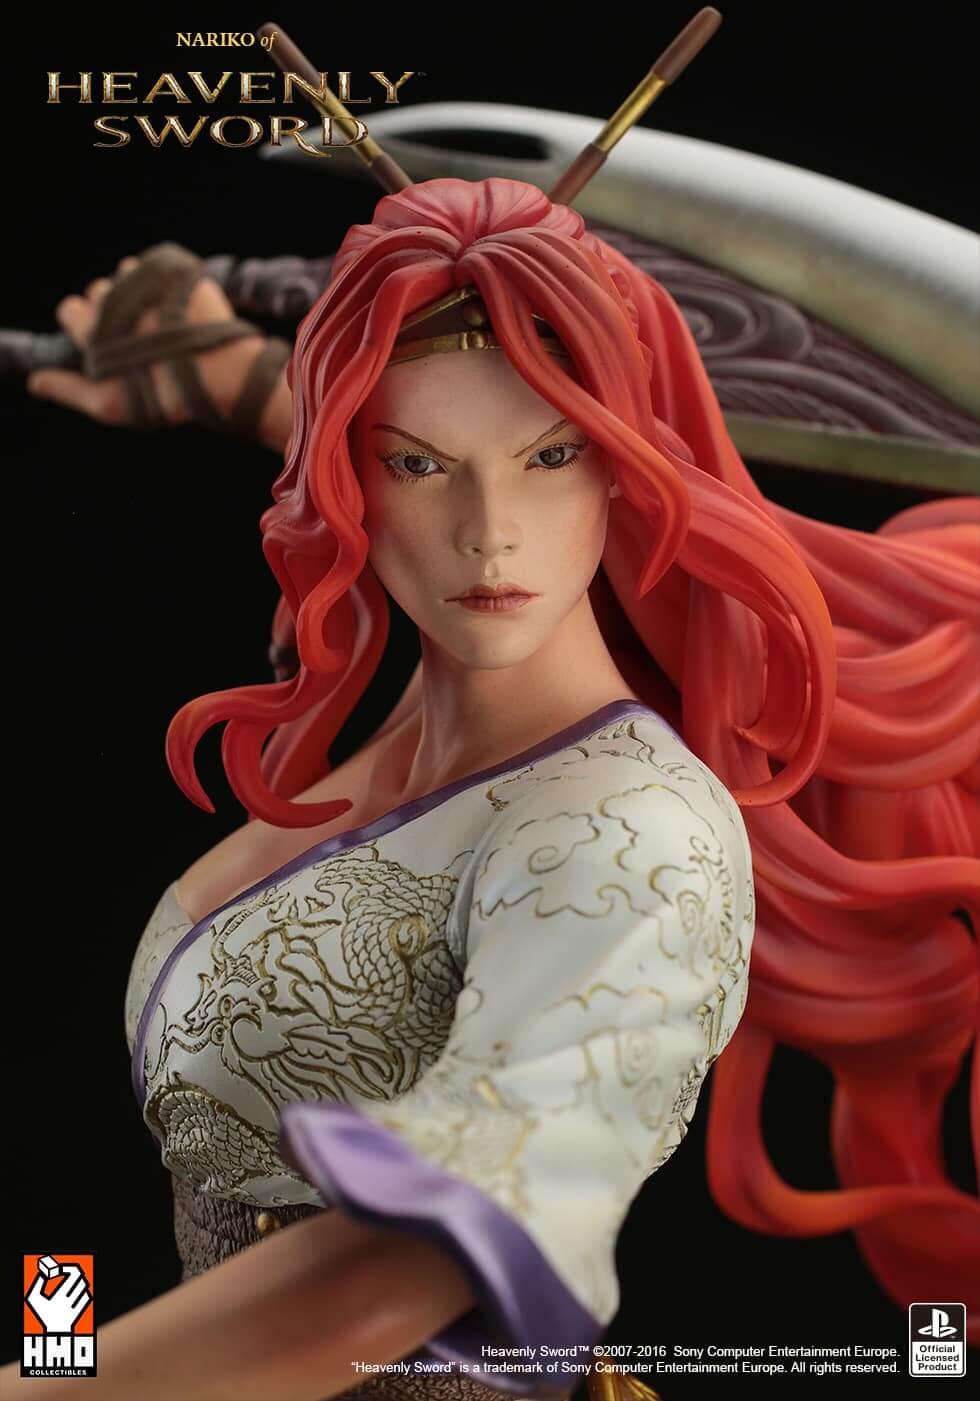 Heavenly Sword Nariko H M O Collectibles